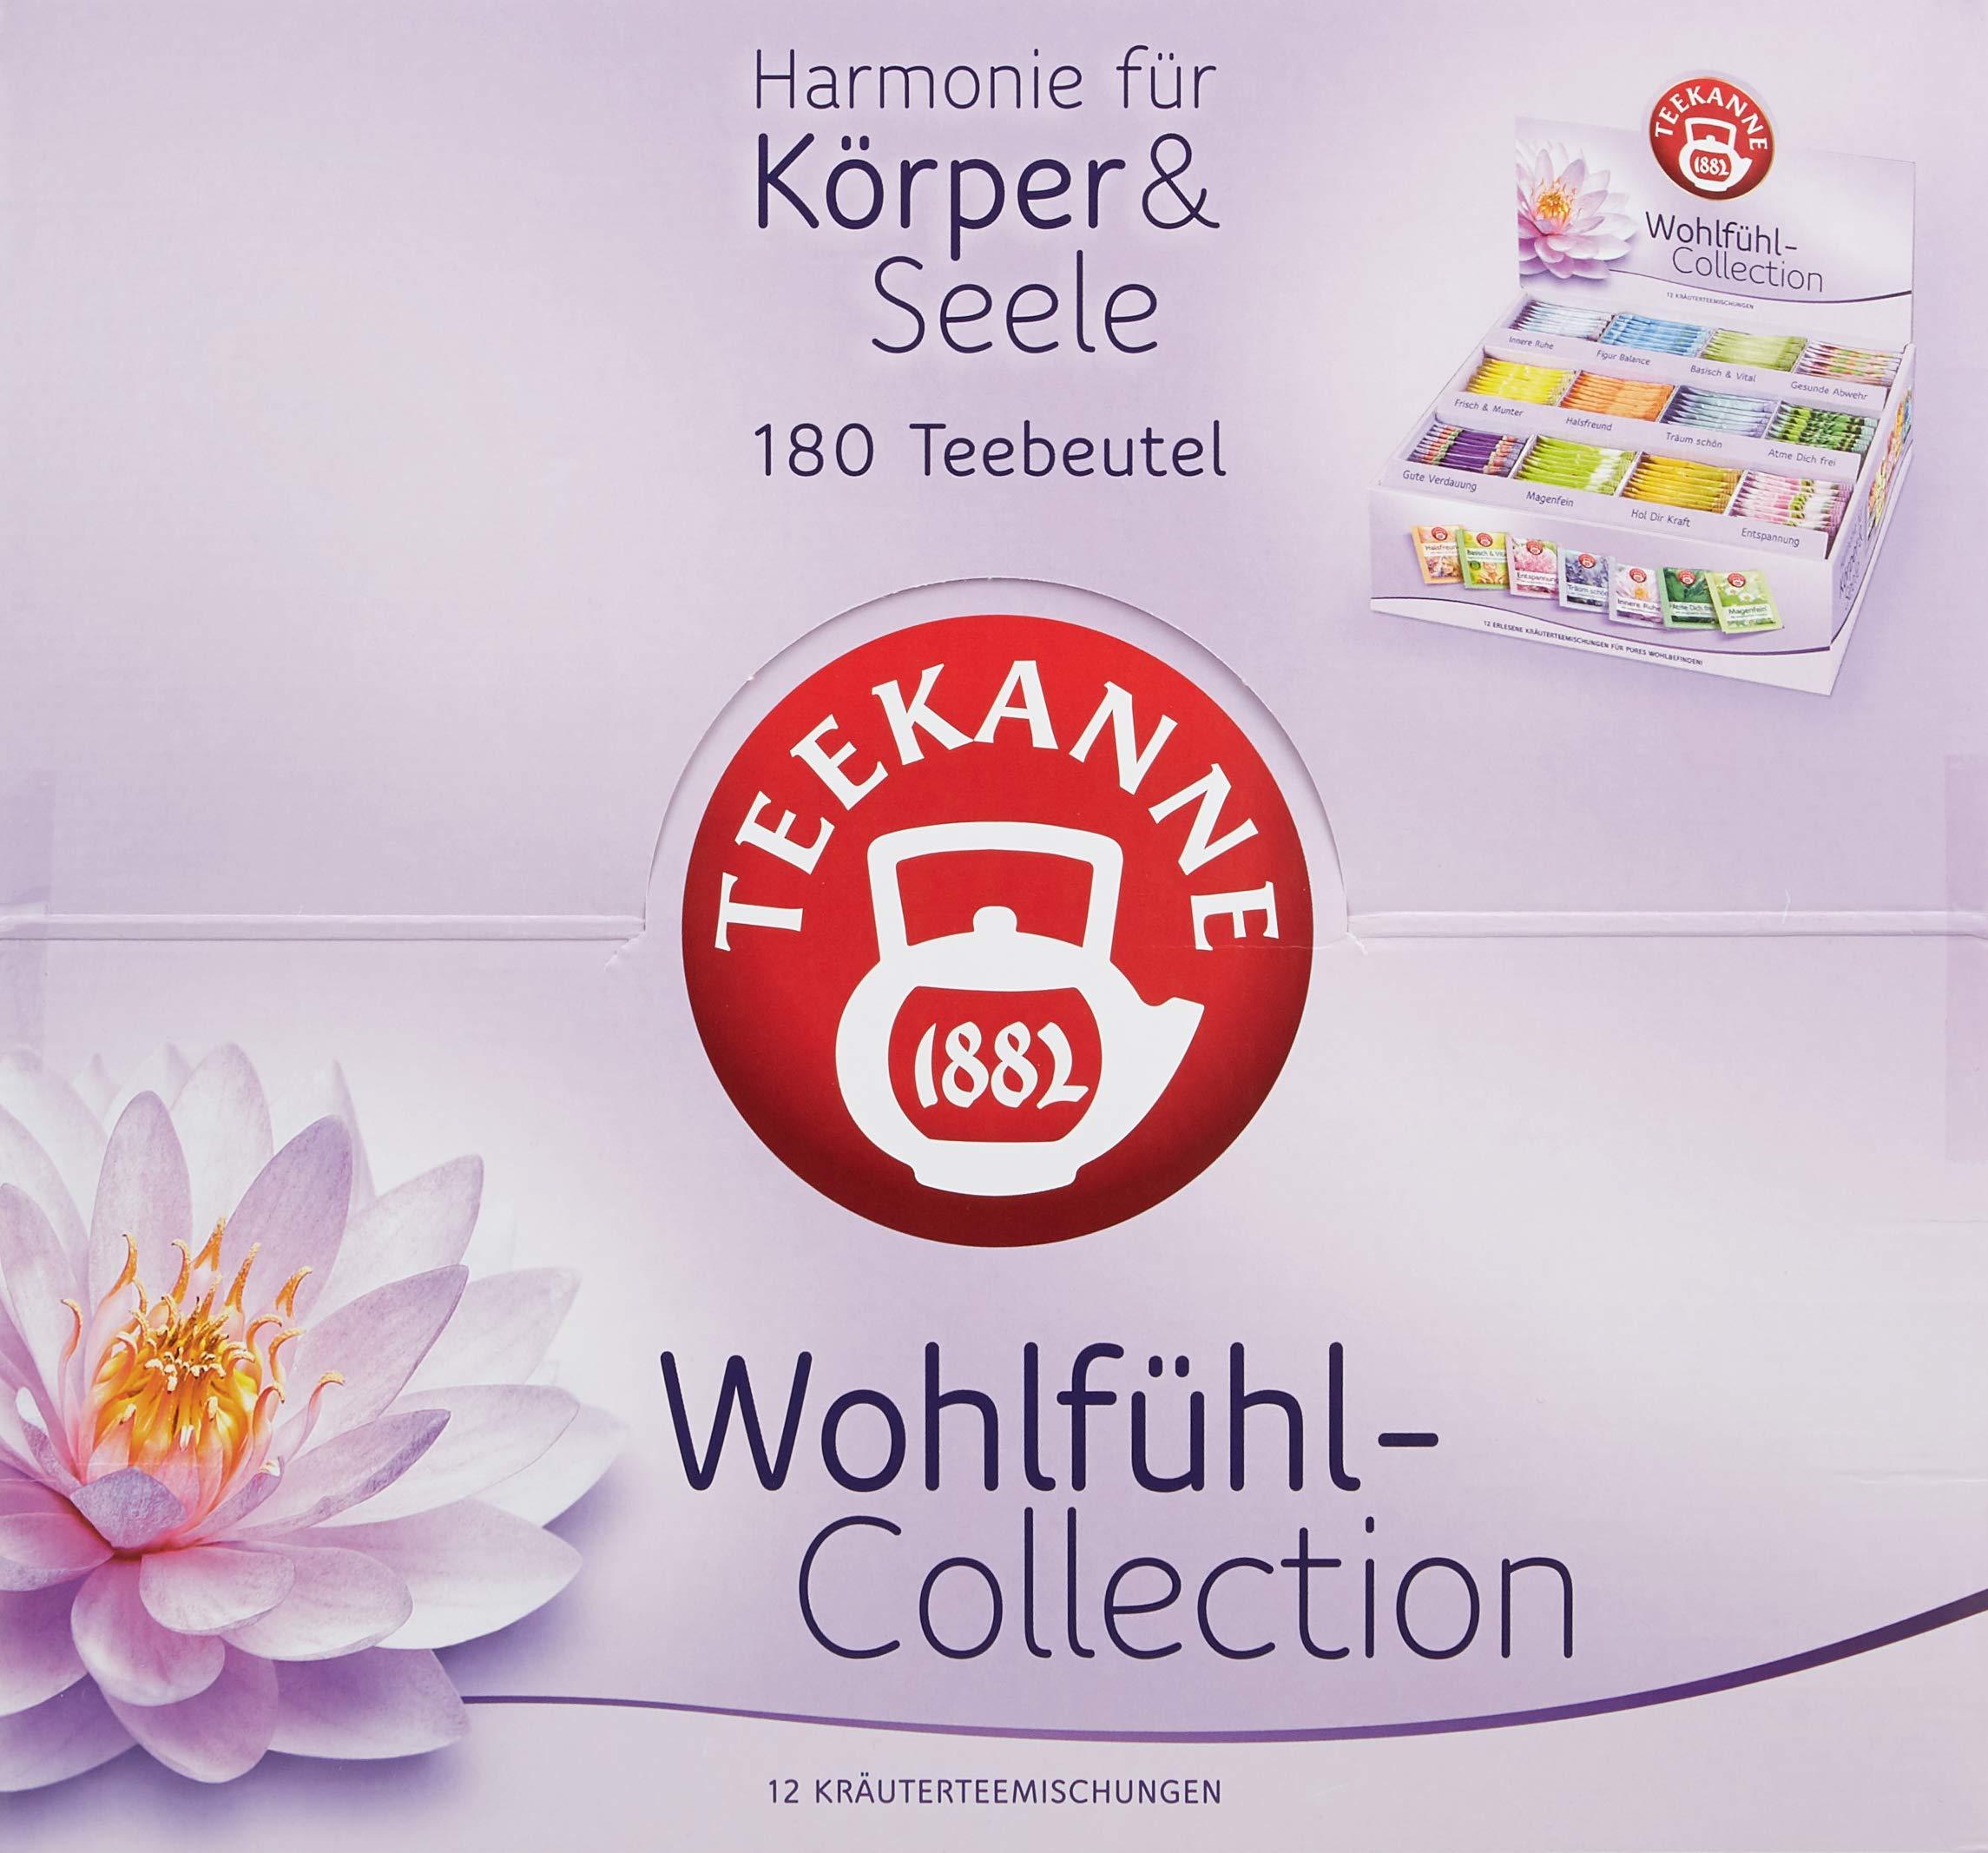 Teekanne-Wohlfhl-Collection-Box